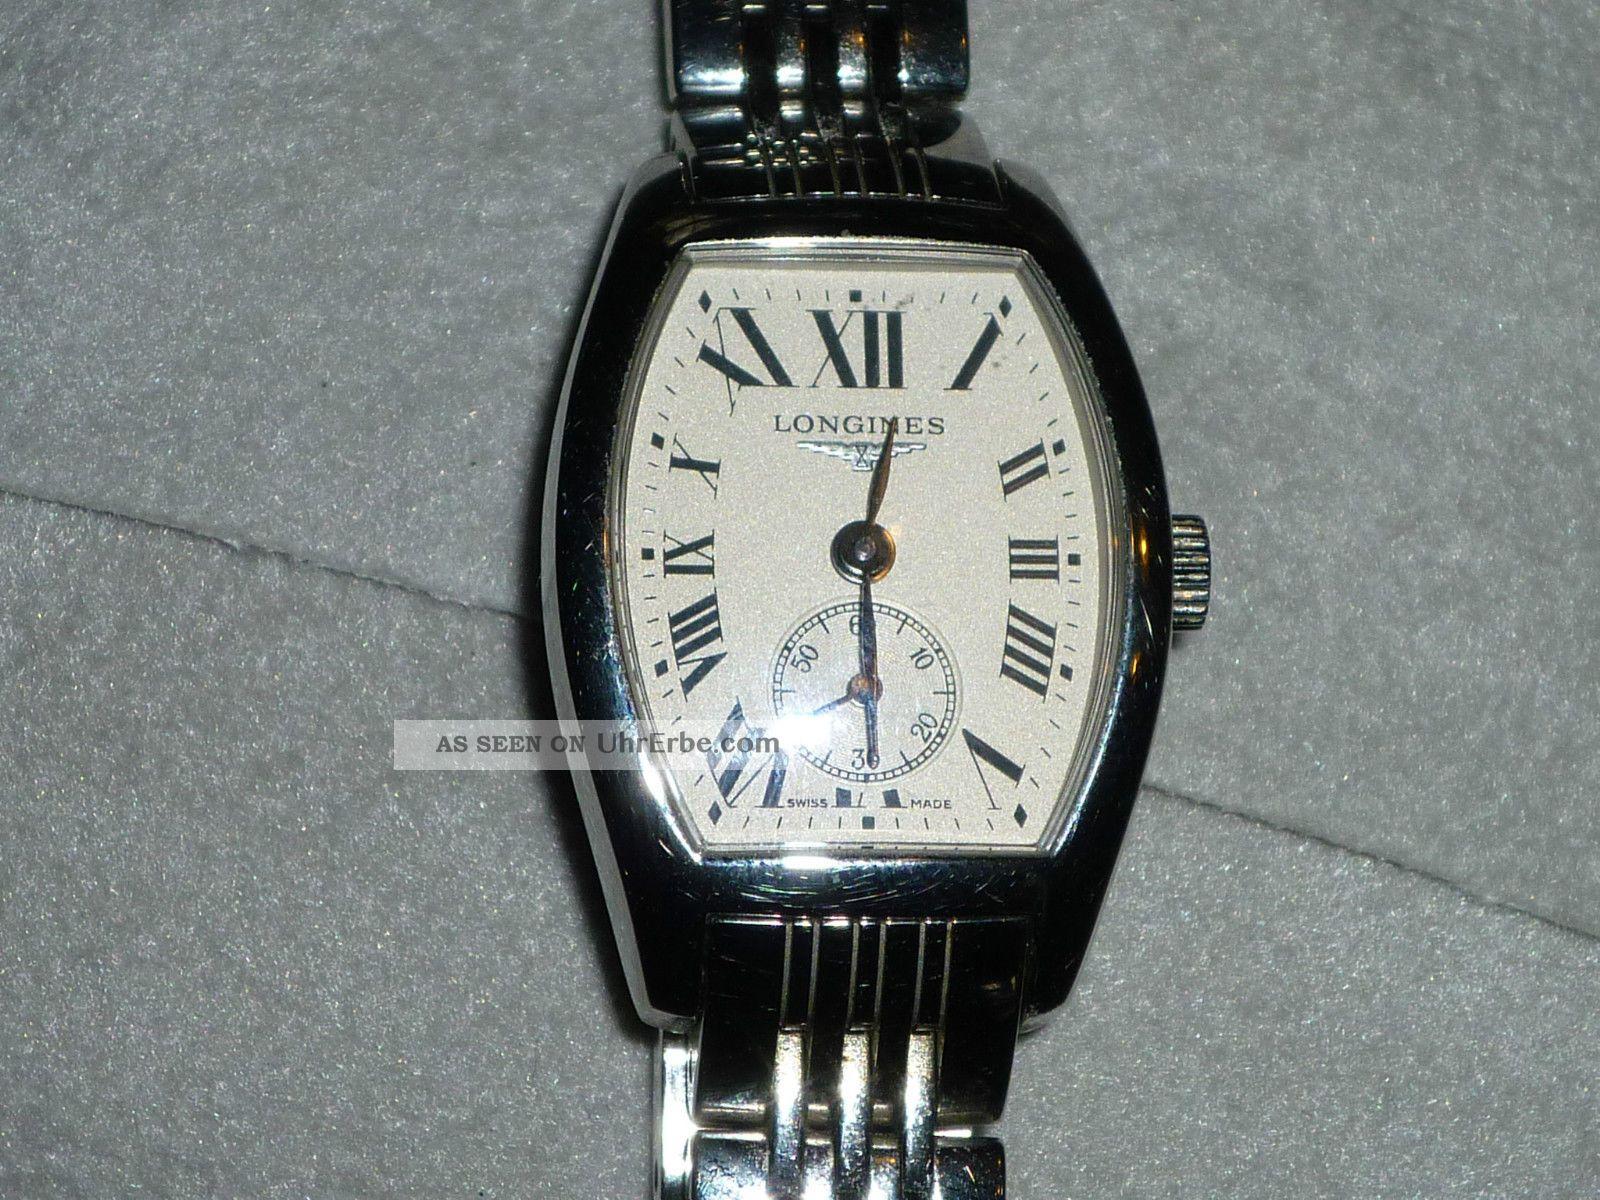 Longines Evidenza Damenarmbanduhr,  Römisches Ziffernblatt,  Garantieschein,  Box Armbanduhren Bild